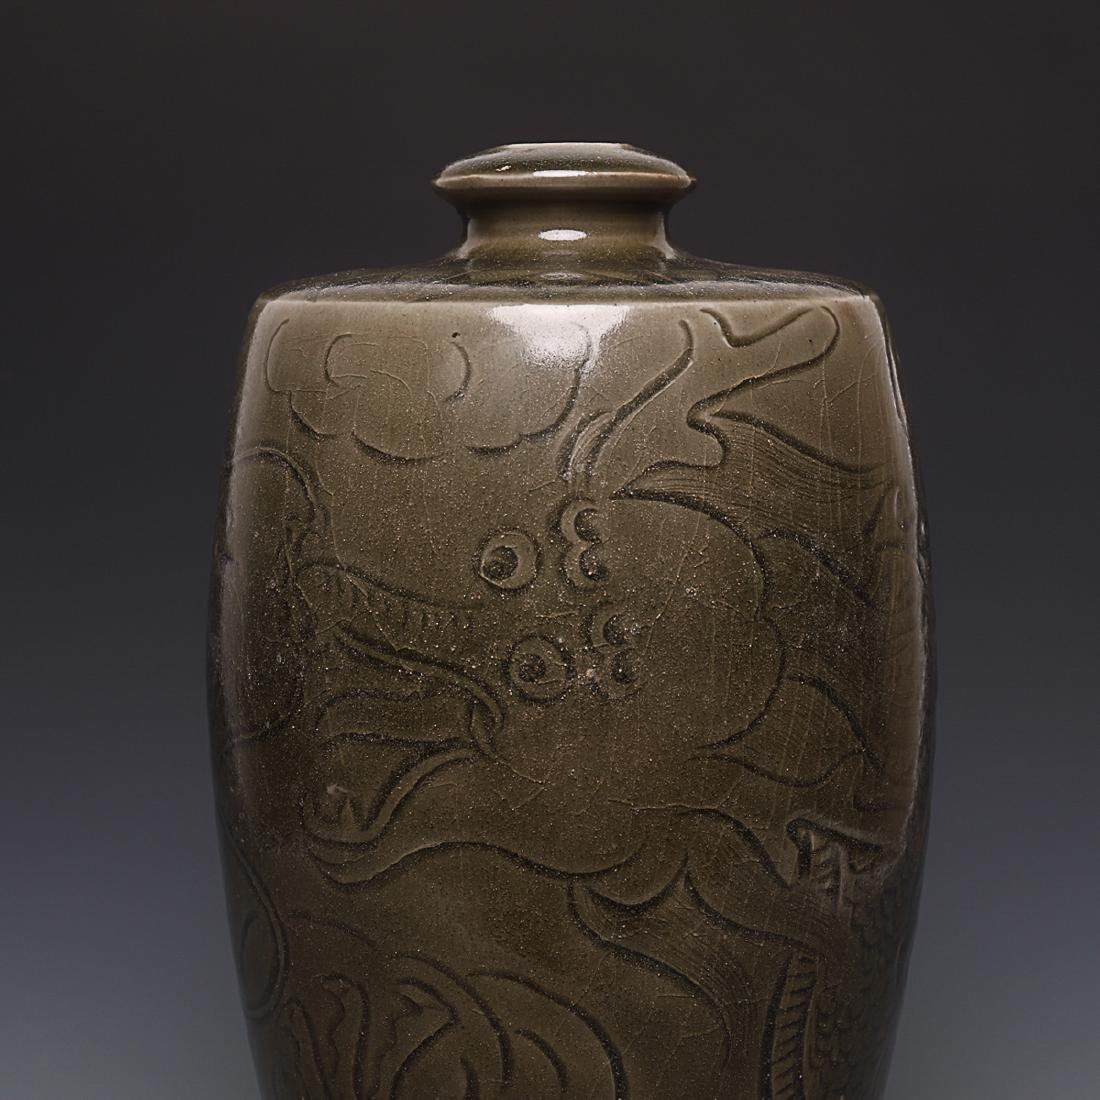 Vintage Chinese Porcelain Vase - 6